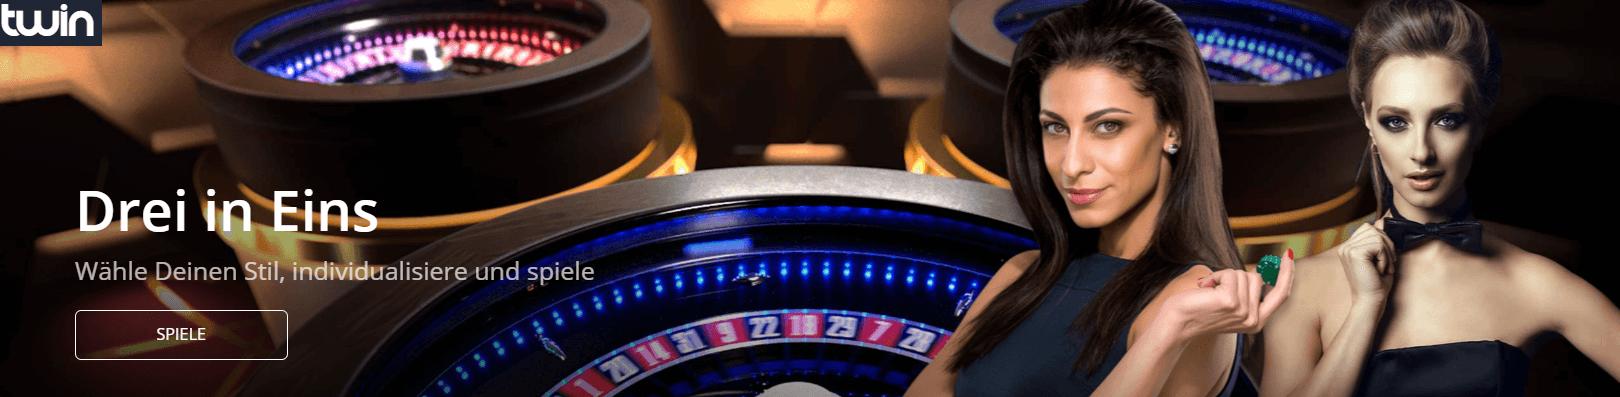 Alles, was Sie brauchen, ist, die Roulette Regeln zu kennen und im Twin Casino zu spielen, um bessere Ergebnisse zu erzielen